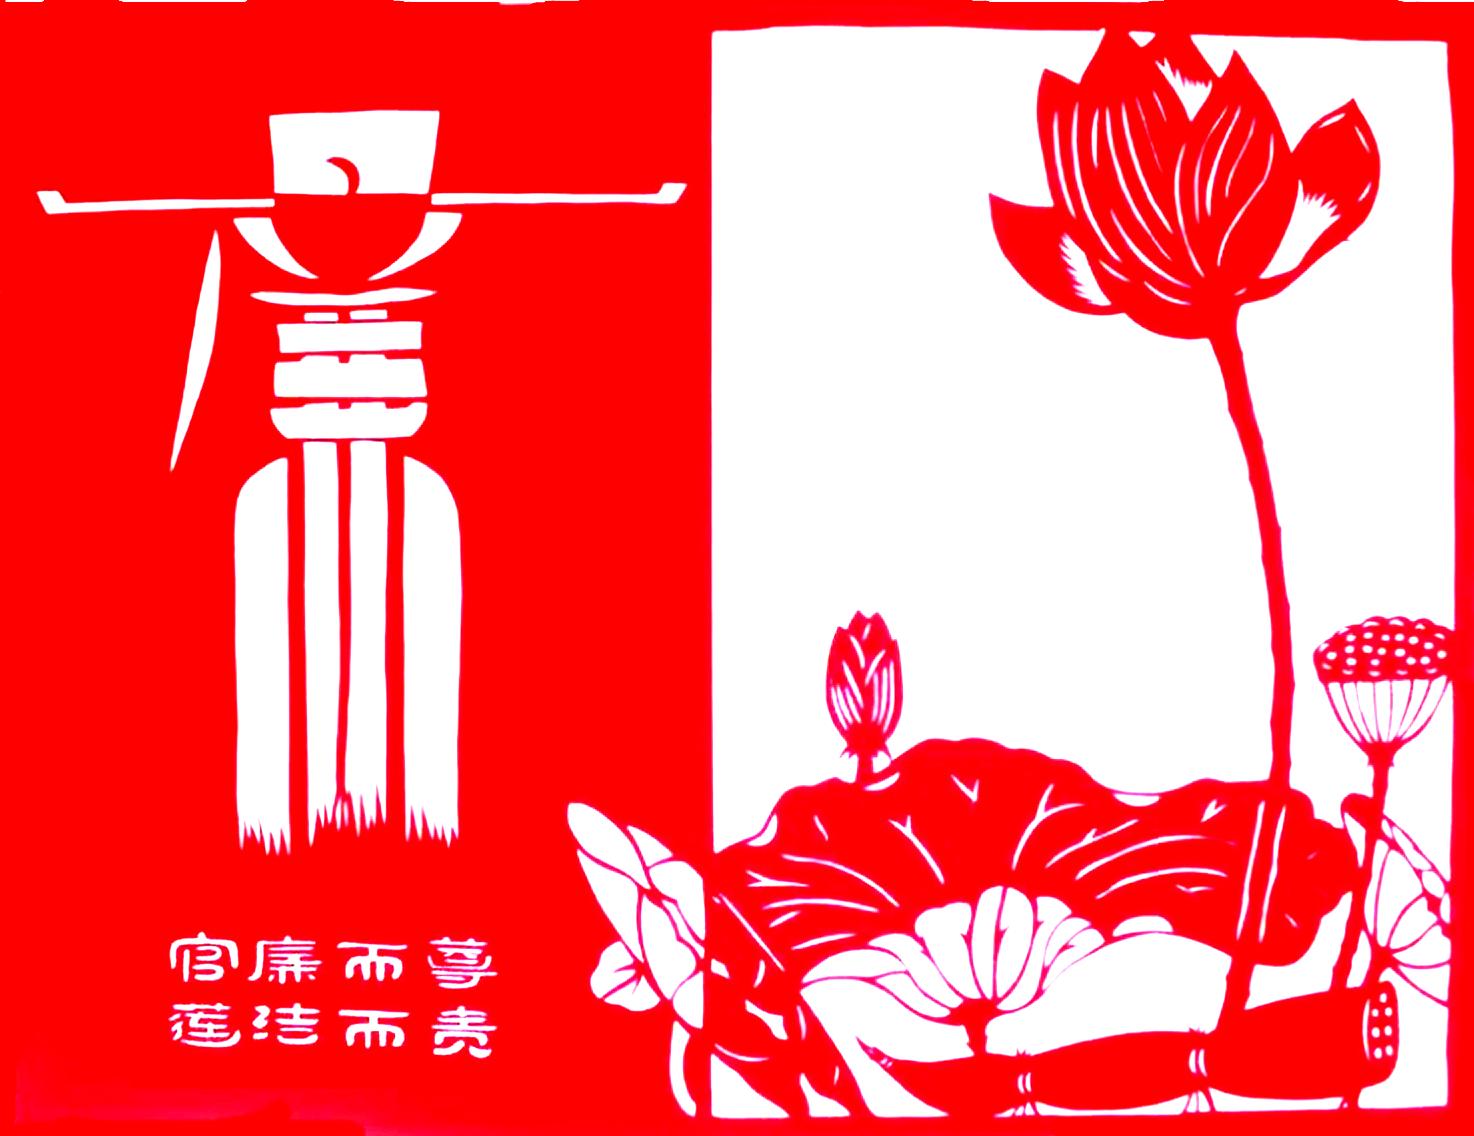 剪纸廉政廉洁窗花,纯手工红宣纸,官廉而尊剪纸